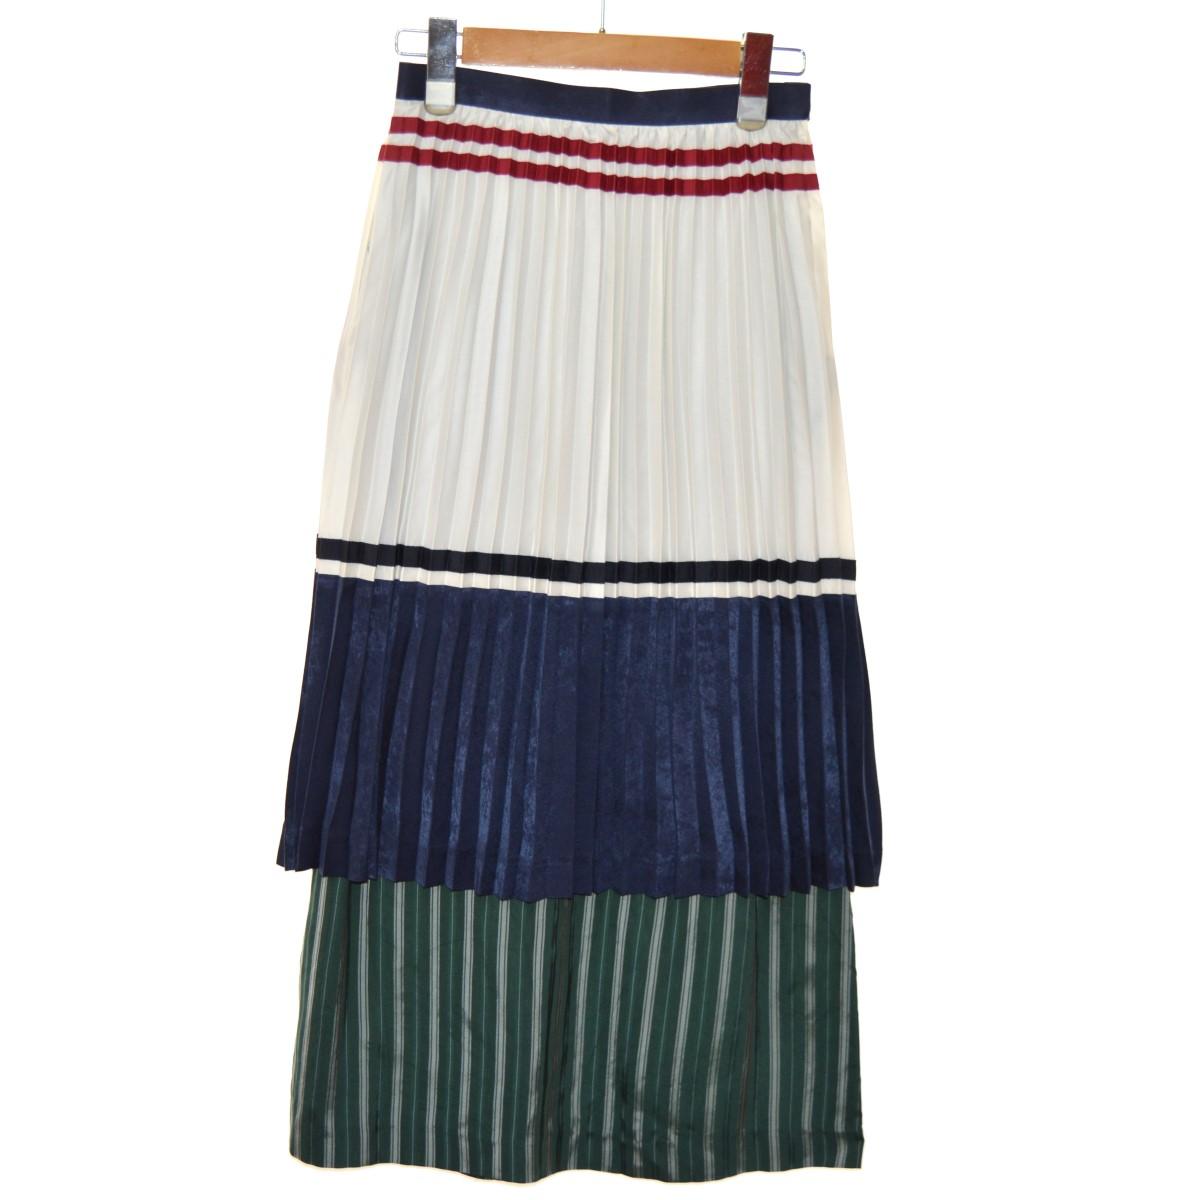 【中古】CLEANA プリーツレイヤードスカート マルチカラー サイズ:1 【130320】(クリーナ)